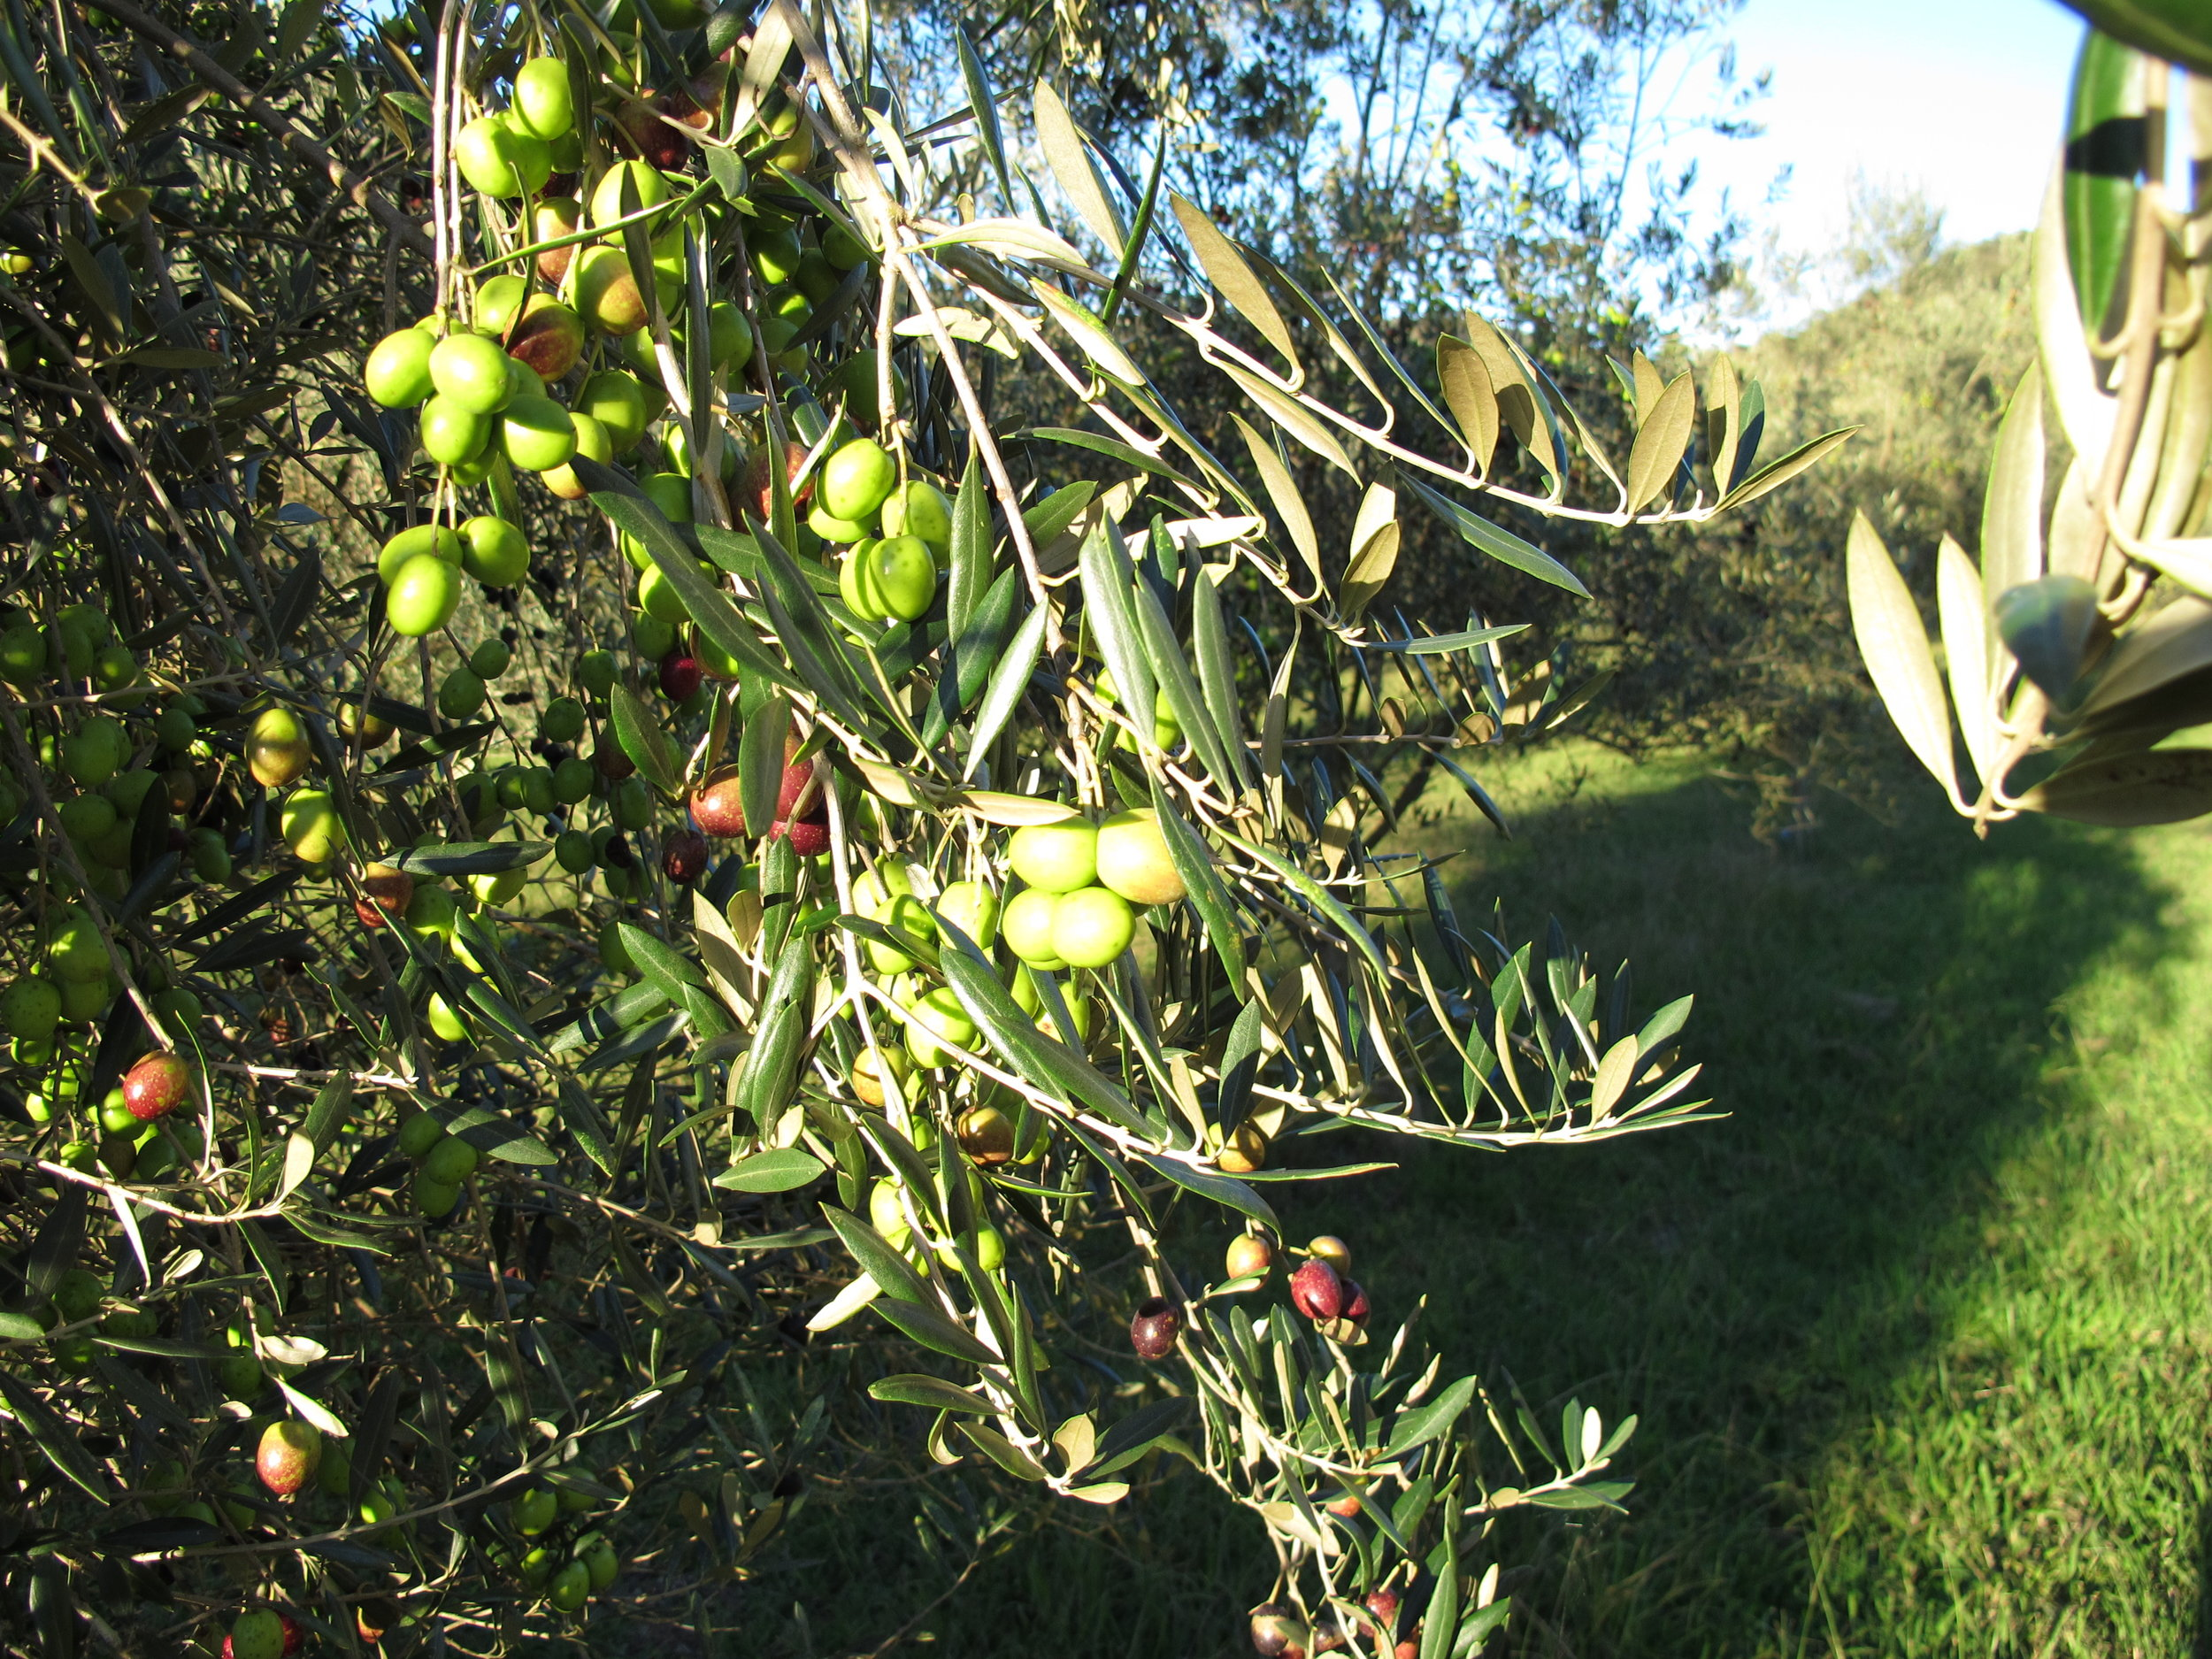 Olivesintree.JPG